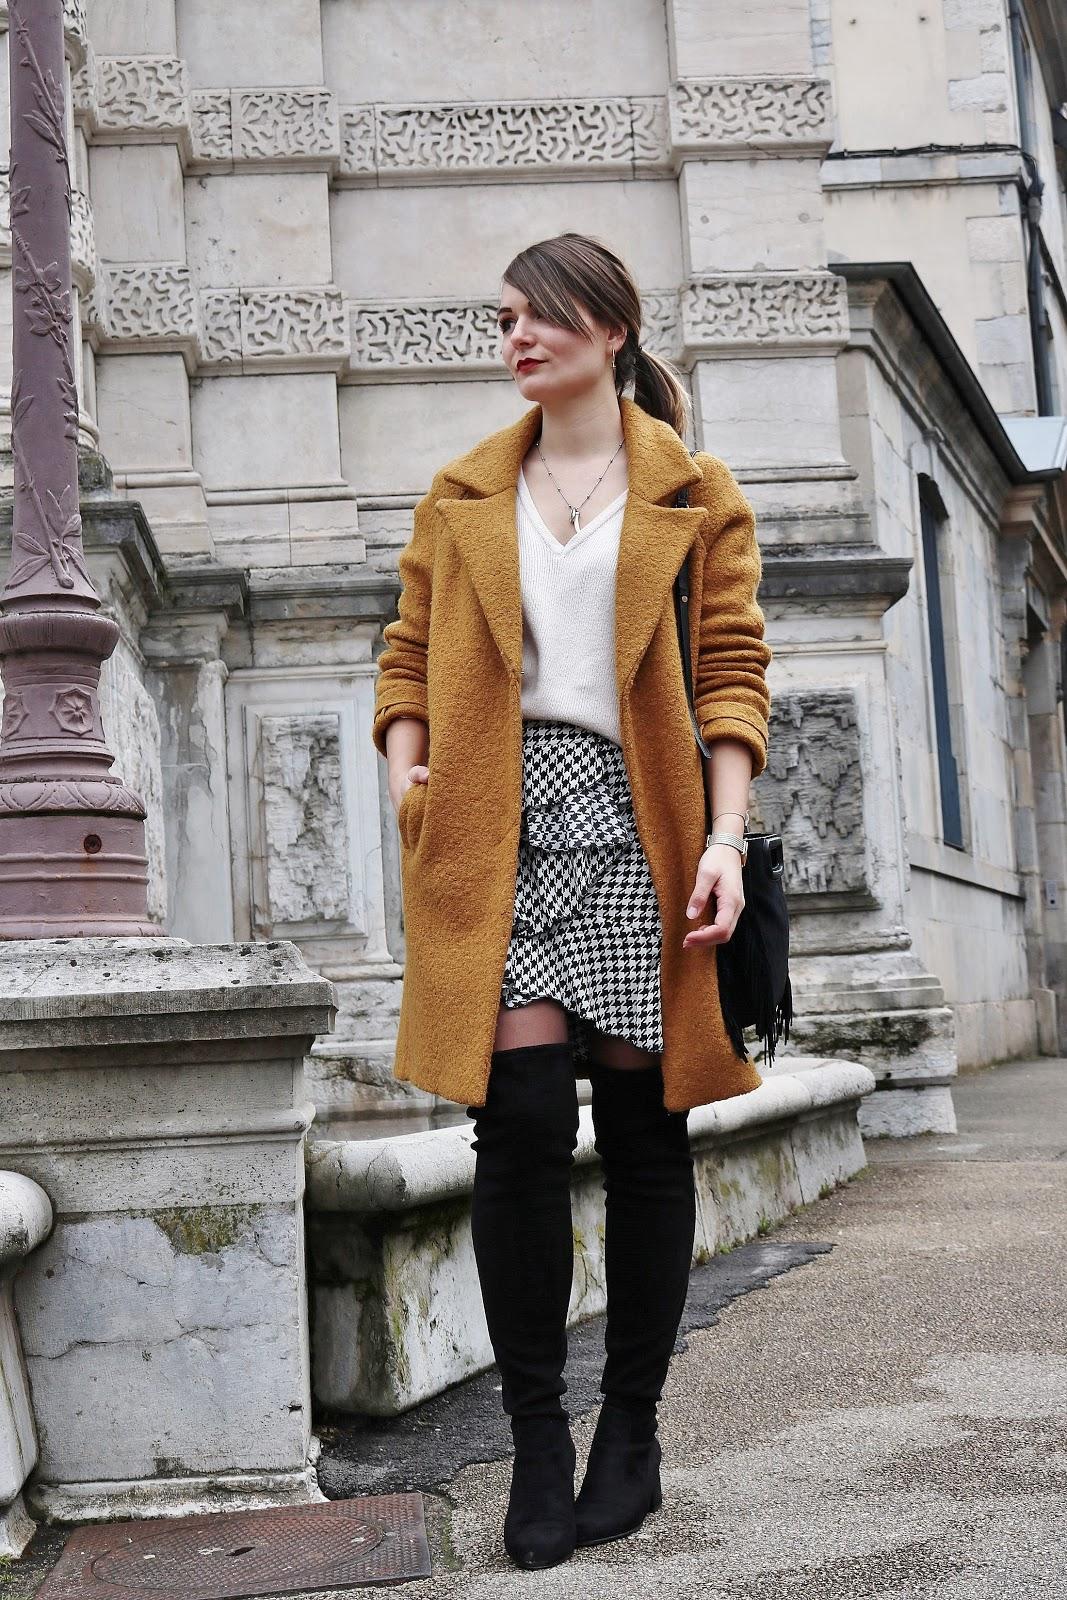 pauline-dress-moyne-blog-mode-deco-lifestyle-besancon-outfit-tenue-look-jaune-moutarde-2018-promod-maje-m-sac-noir-jupe-pied-de-poule-imprimee-blogueuse-volants-pull-col-v-cosy-prettywire-cuissardes-noires-suedine